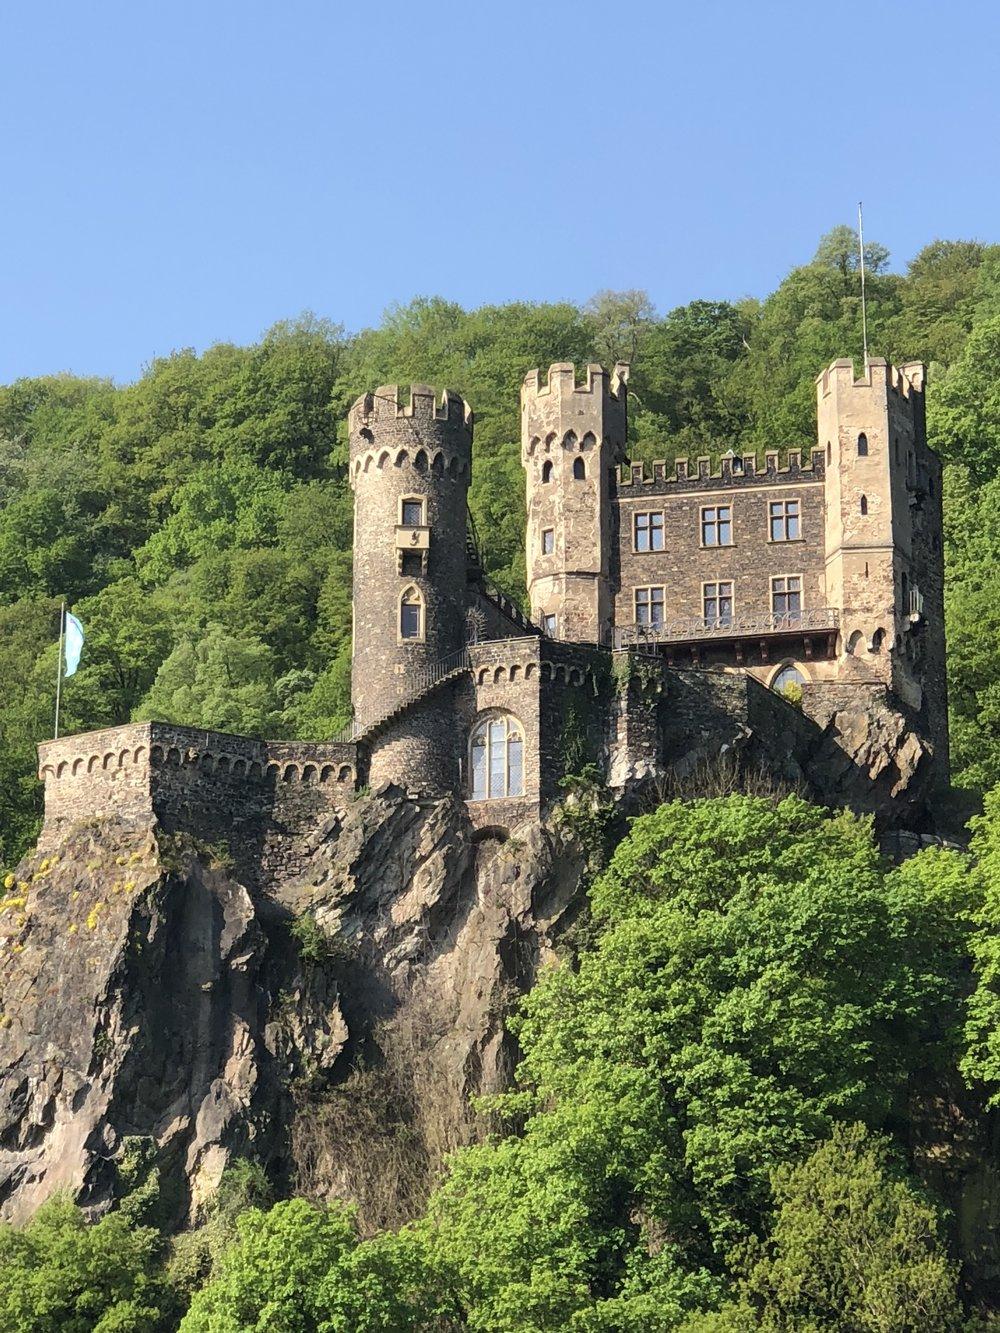 Castles galore!